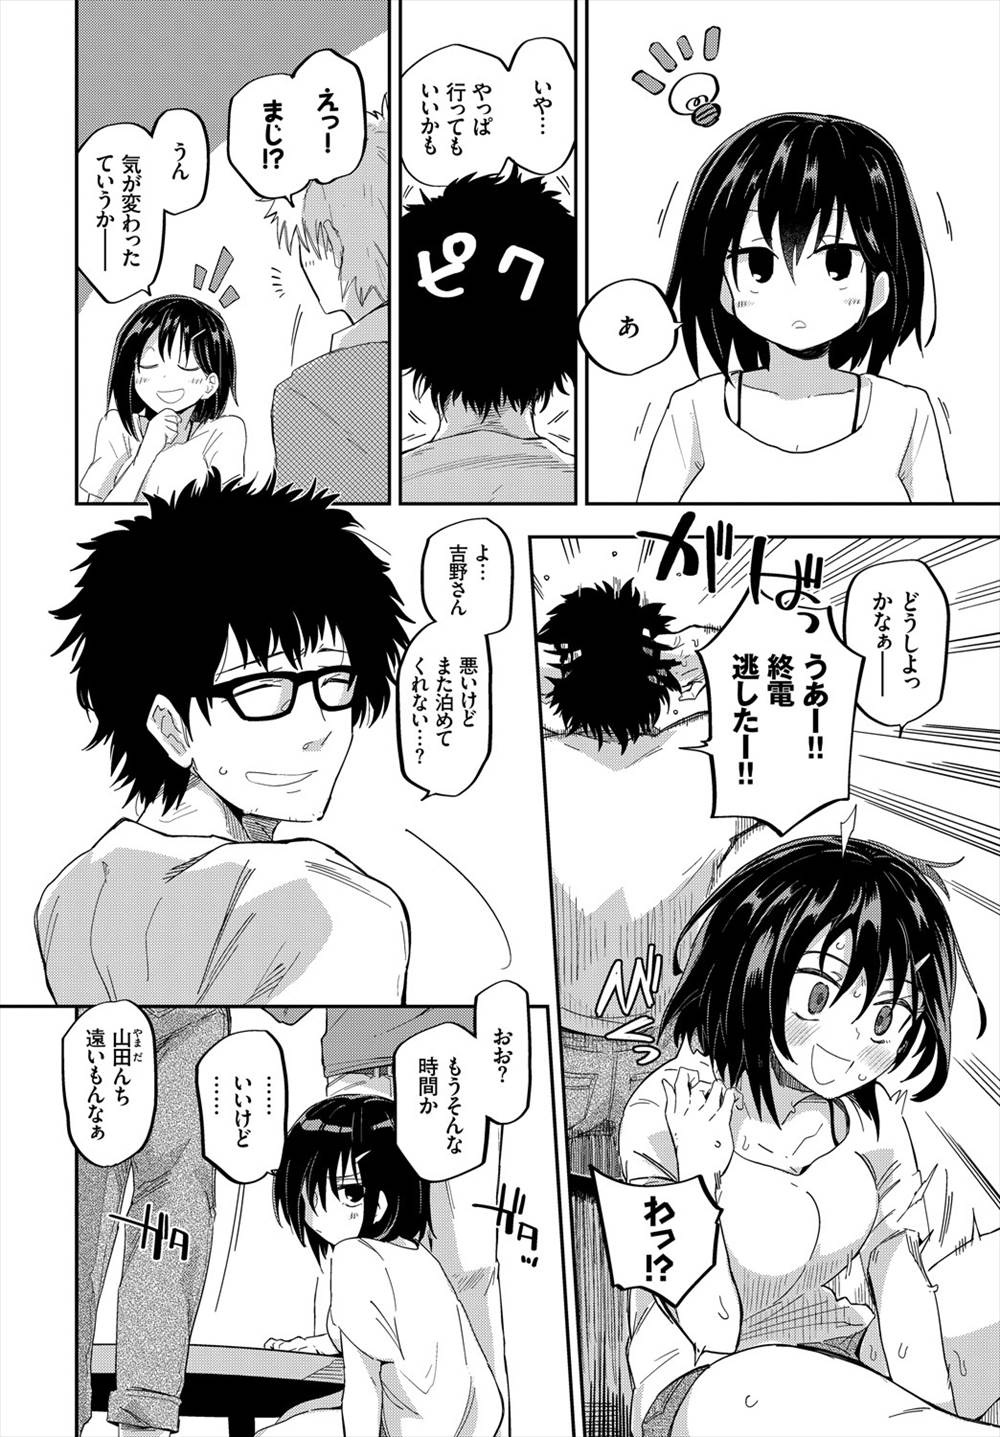 【エロ漫画】彼女に嫉妬した彼氏…ベッドの上でイチャラブセックス生中出しファックwww【わいら:ワンルームの王様】